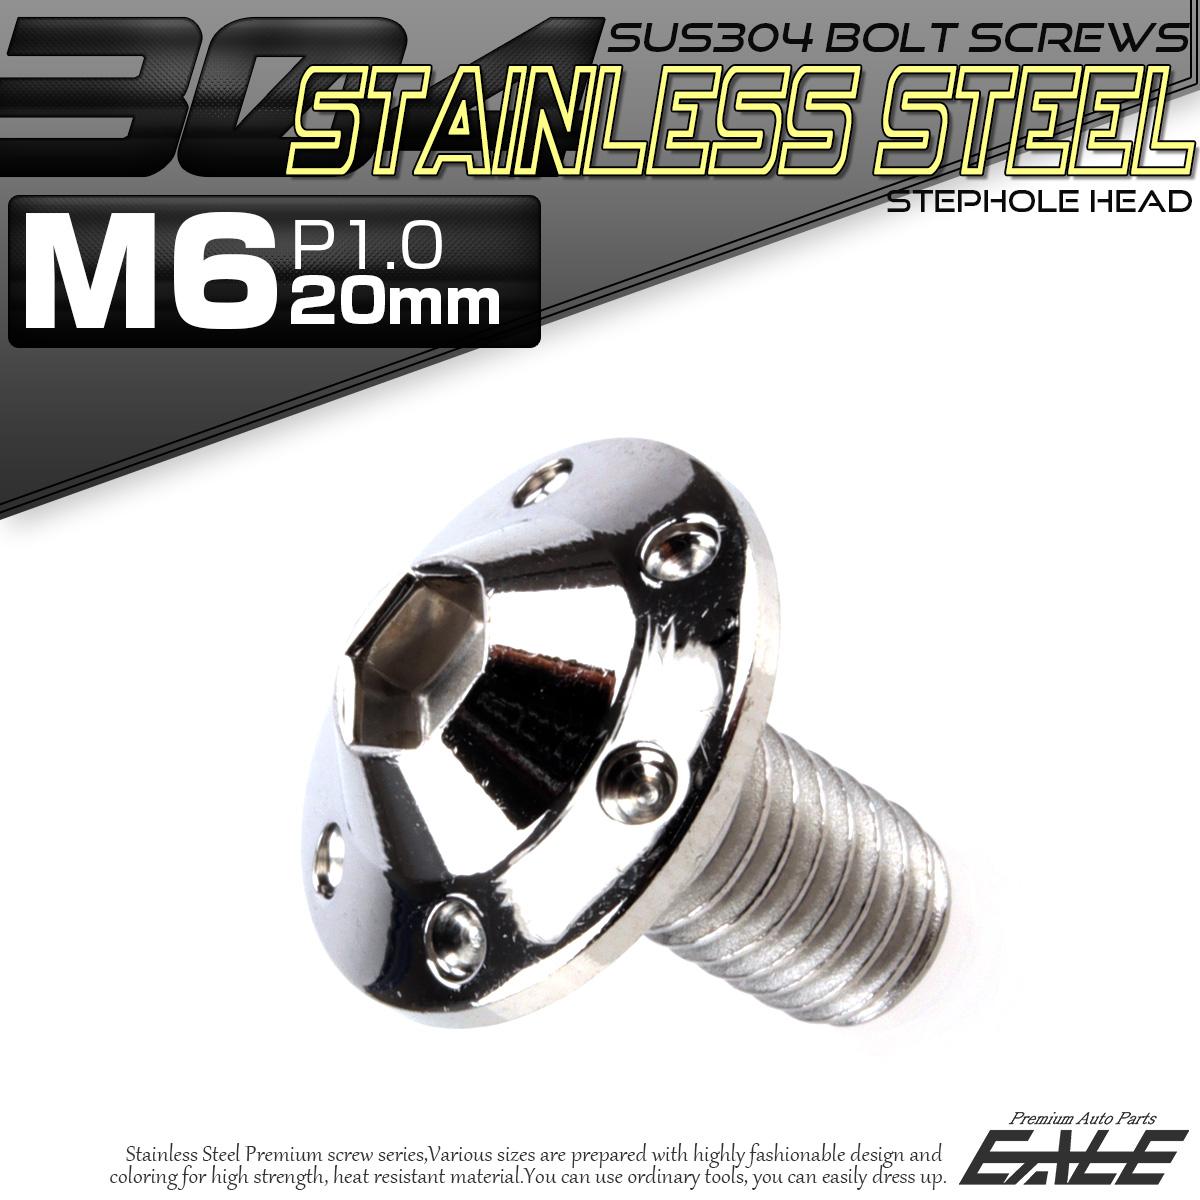 SUS304 フランジ付 ボタンボルト M6×20mm P1.0 六角穴  シルバー ステップホールヘッド ステンレス製 TR0179